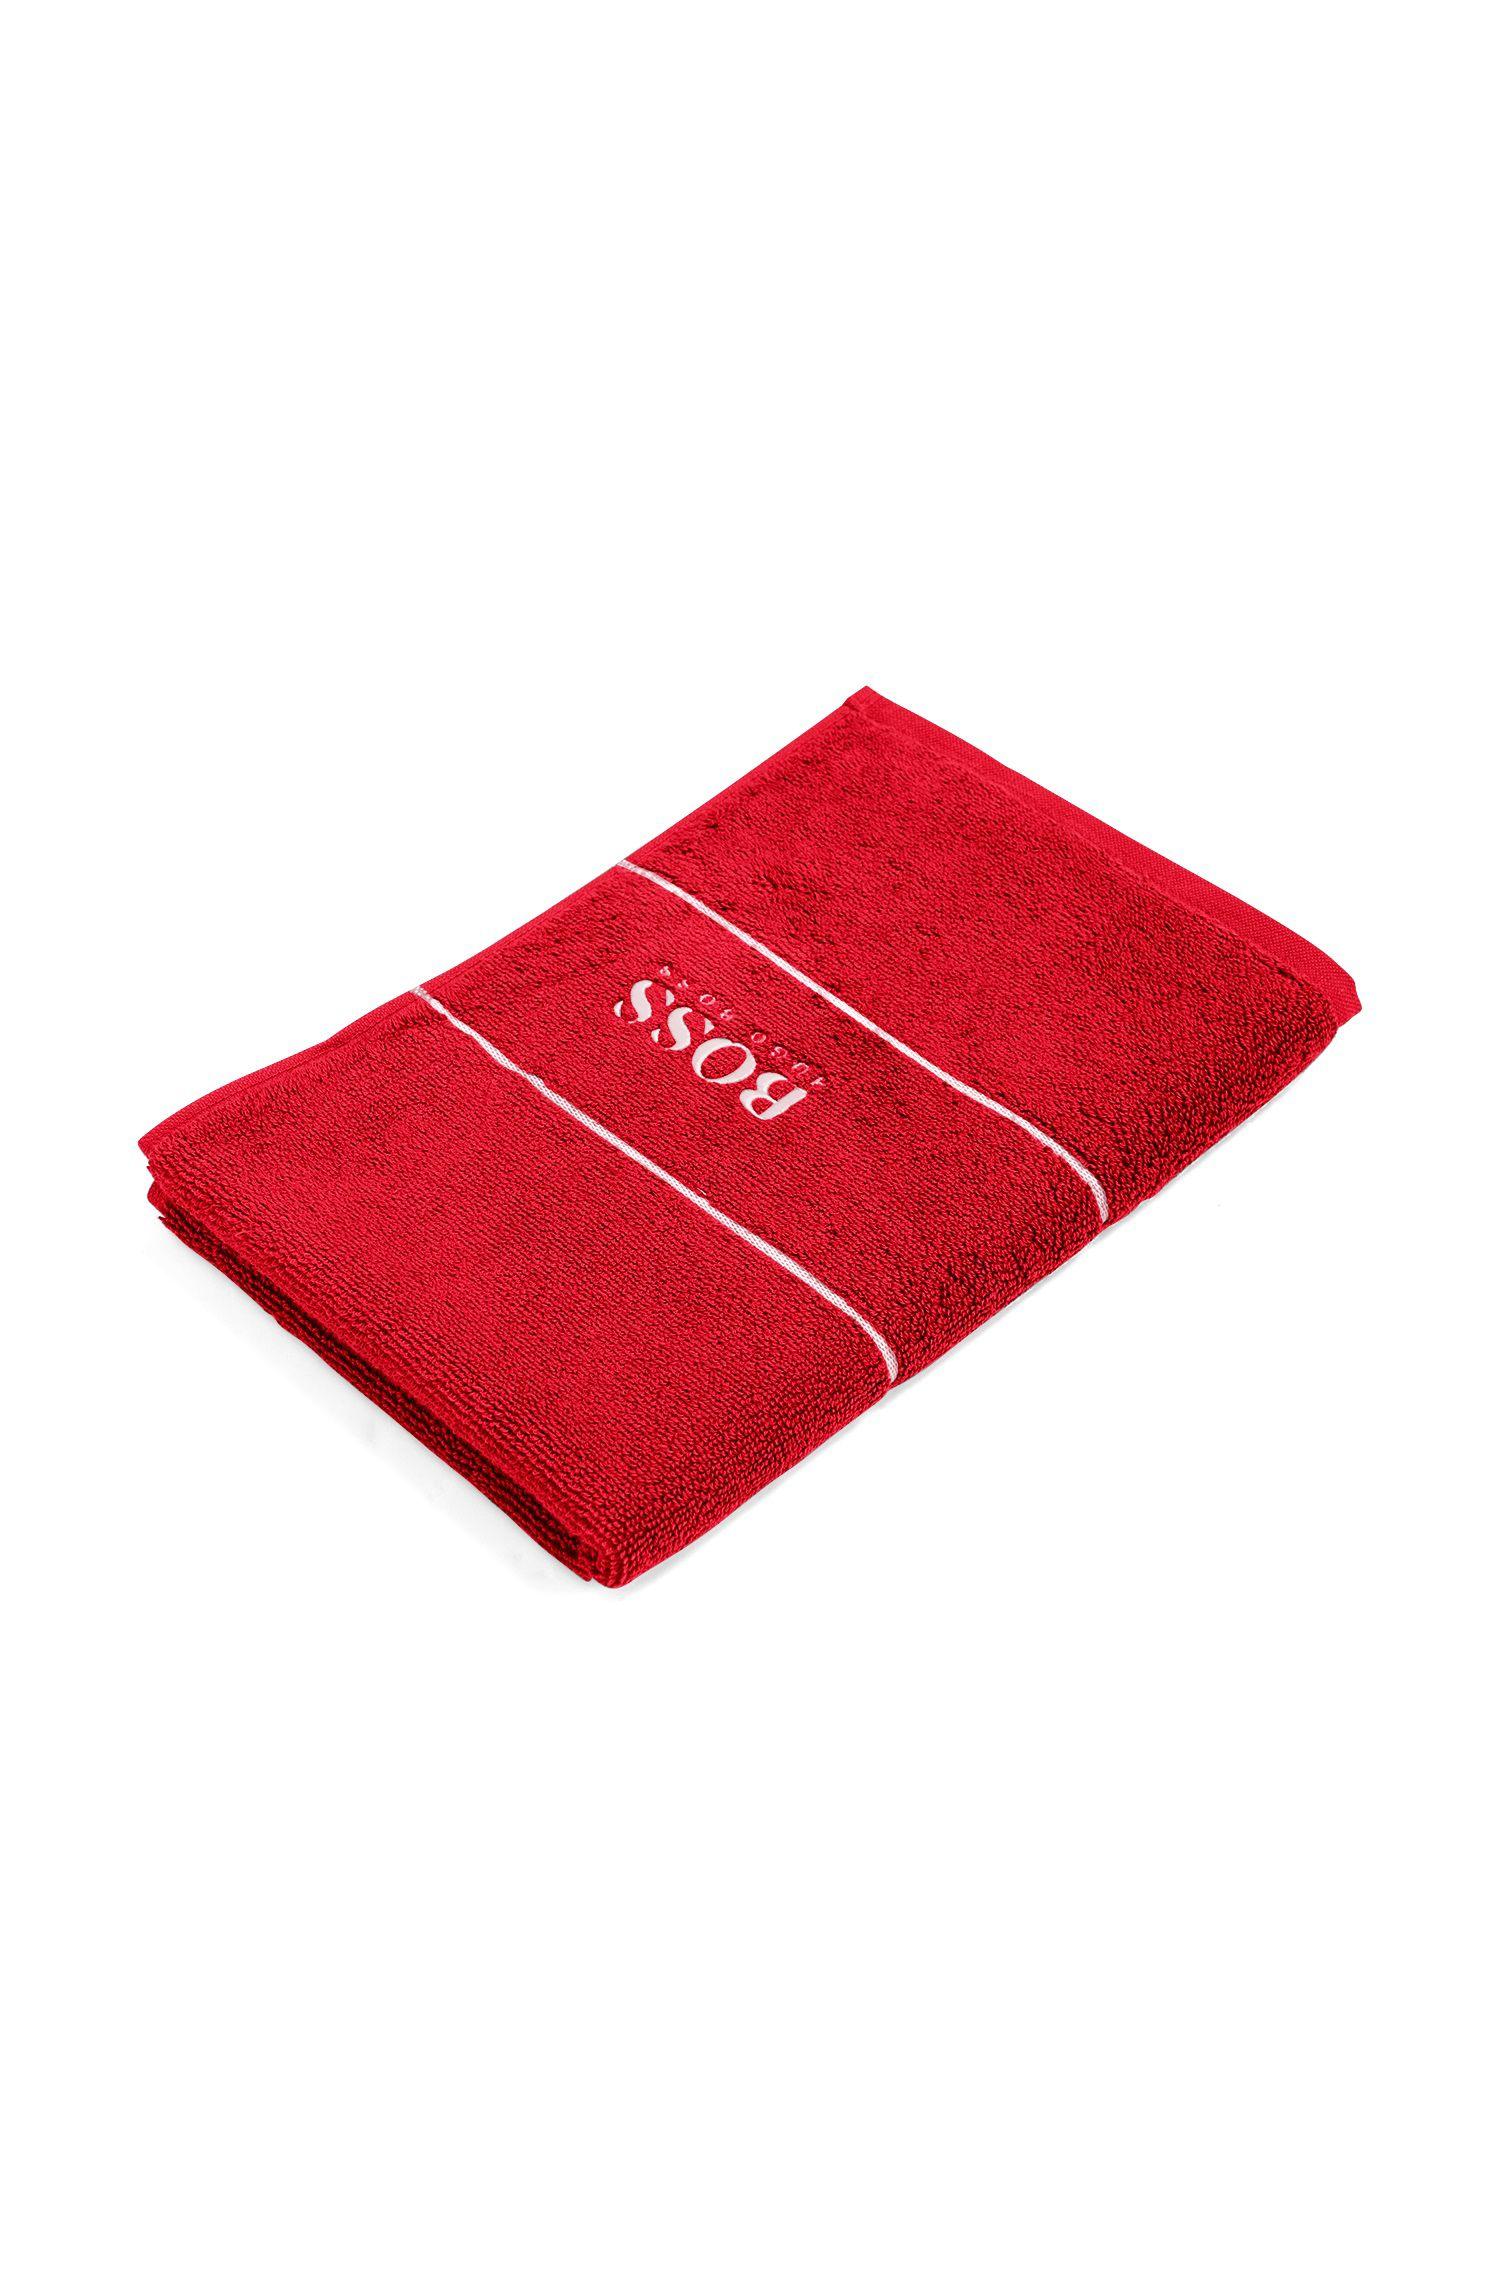 Gastenhanddoek van de fijnste Egyptische katoen met rand met logo